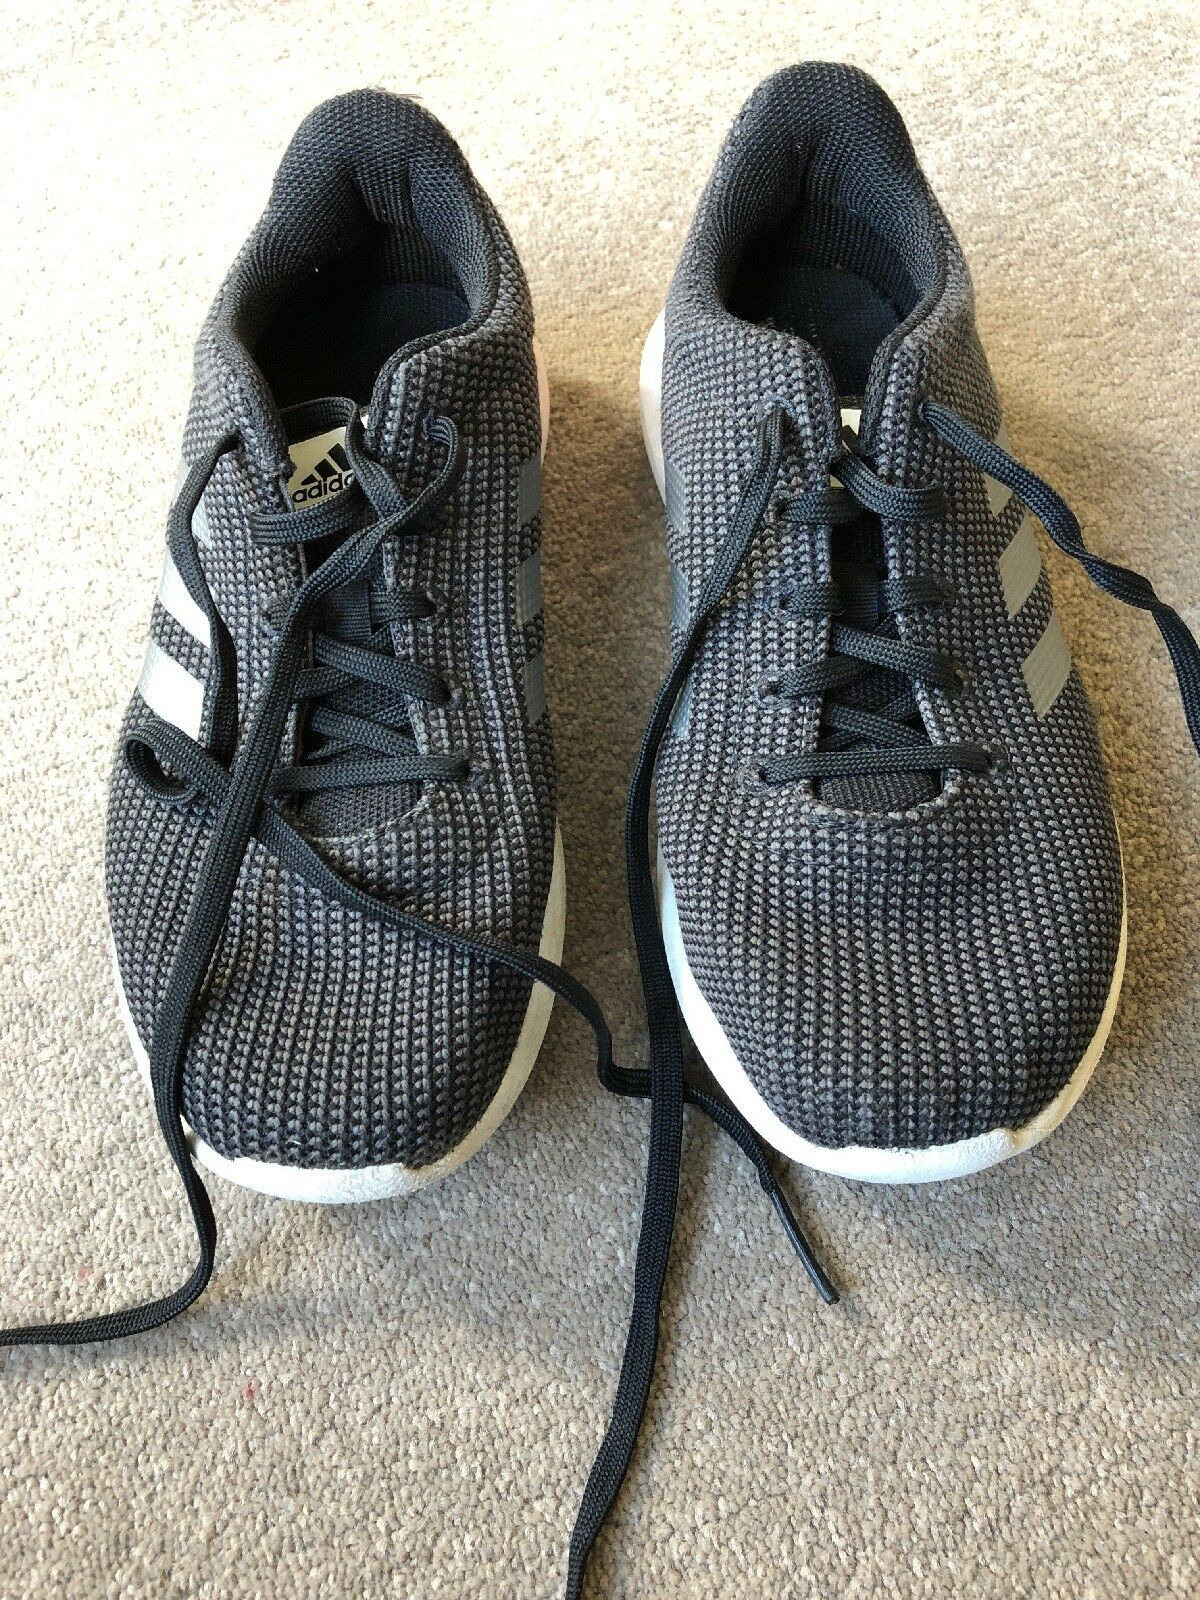 5dade832f Adidas Adidas Adidas Black Grey Cloudfoam Ortholite Trainers - Size e5de9a